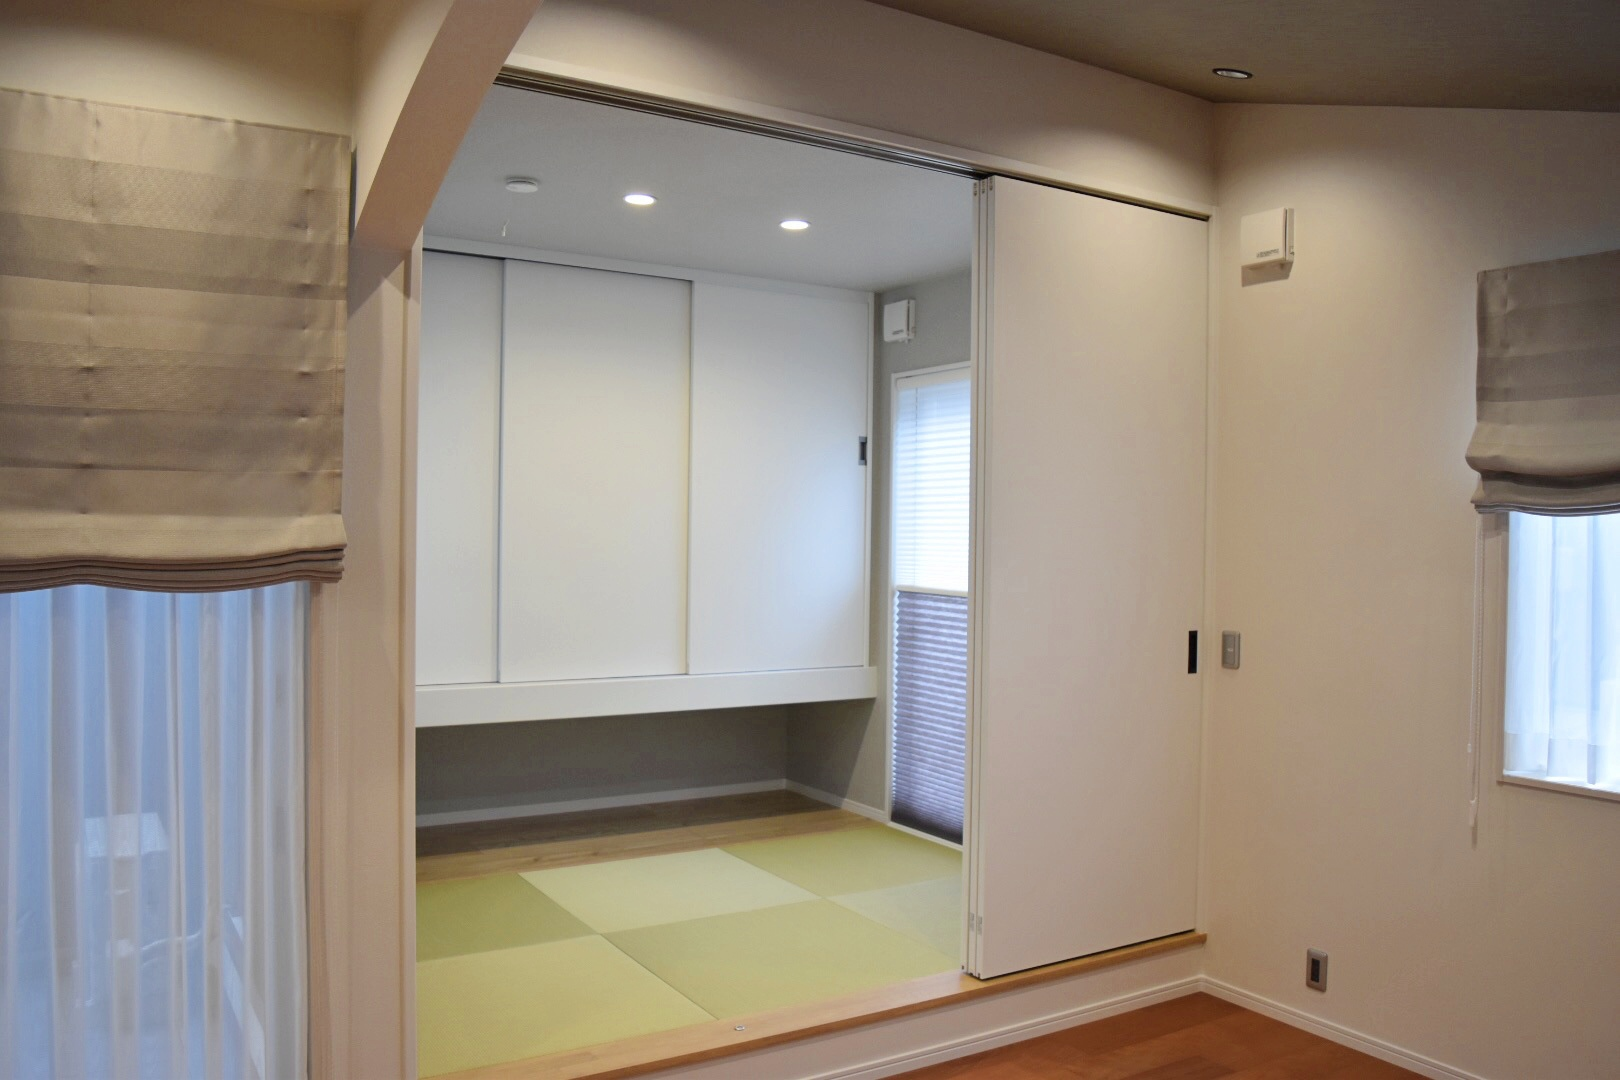 小上がりの畳スペース。 押入れの下には座布団などがサッとしまえて便利です。